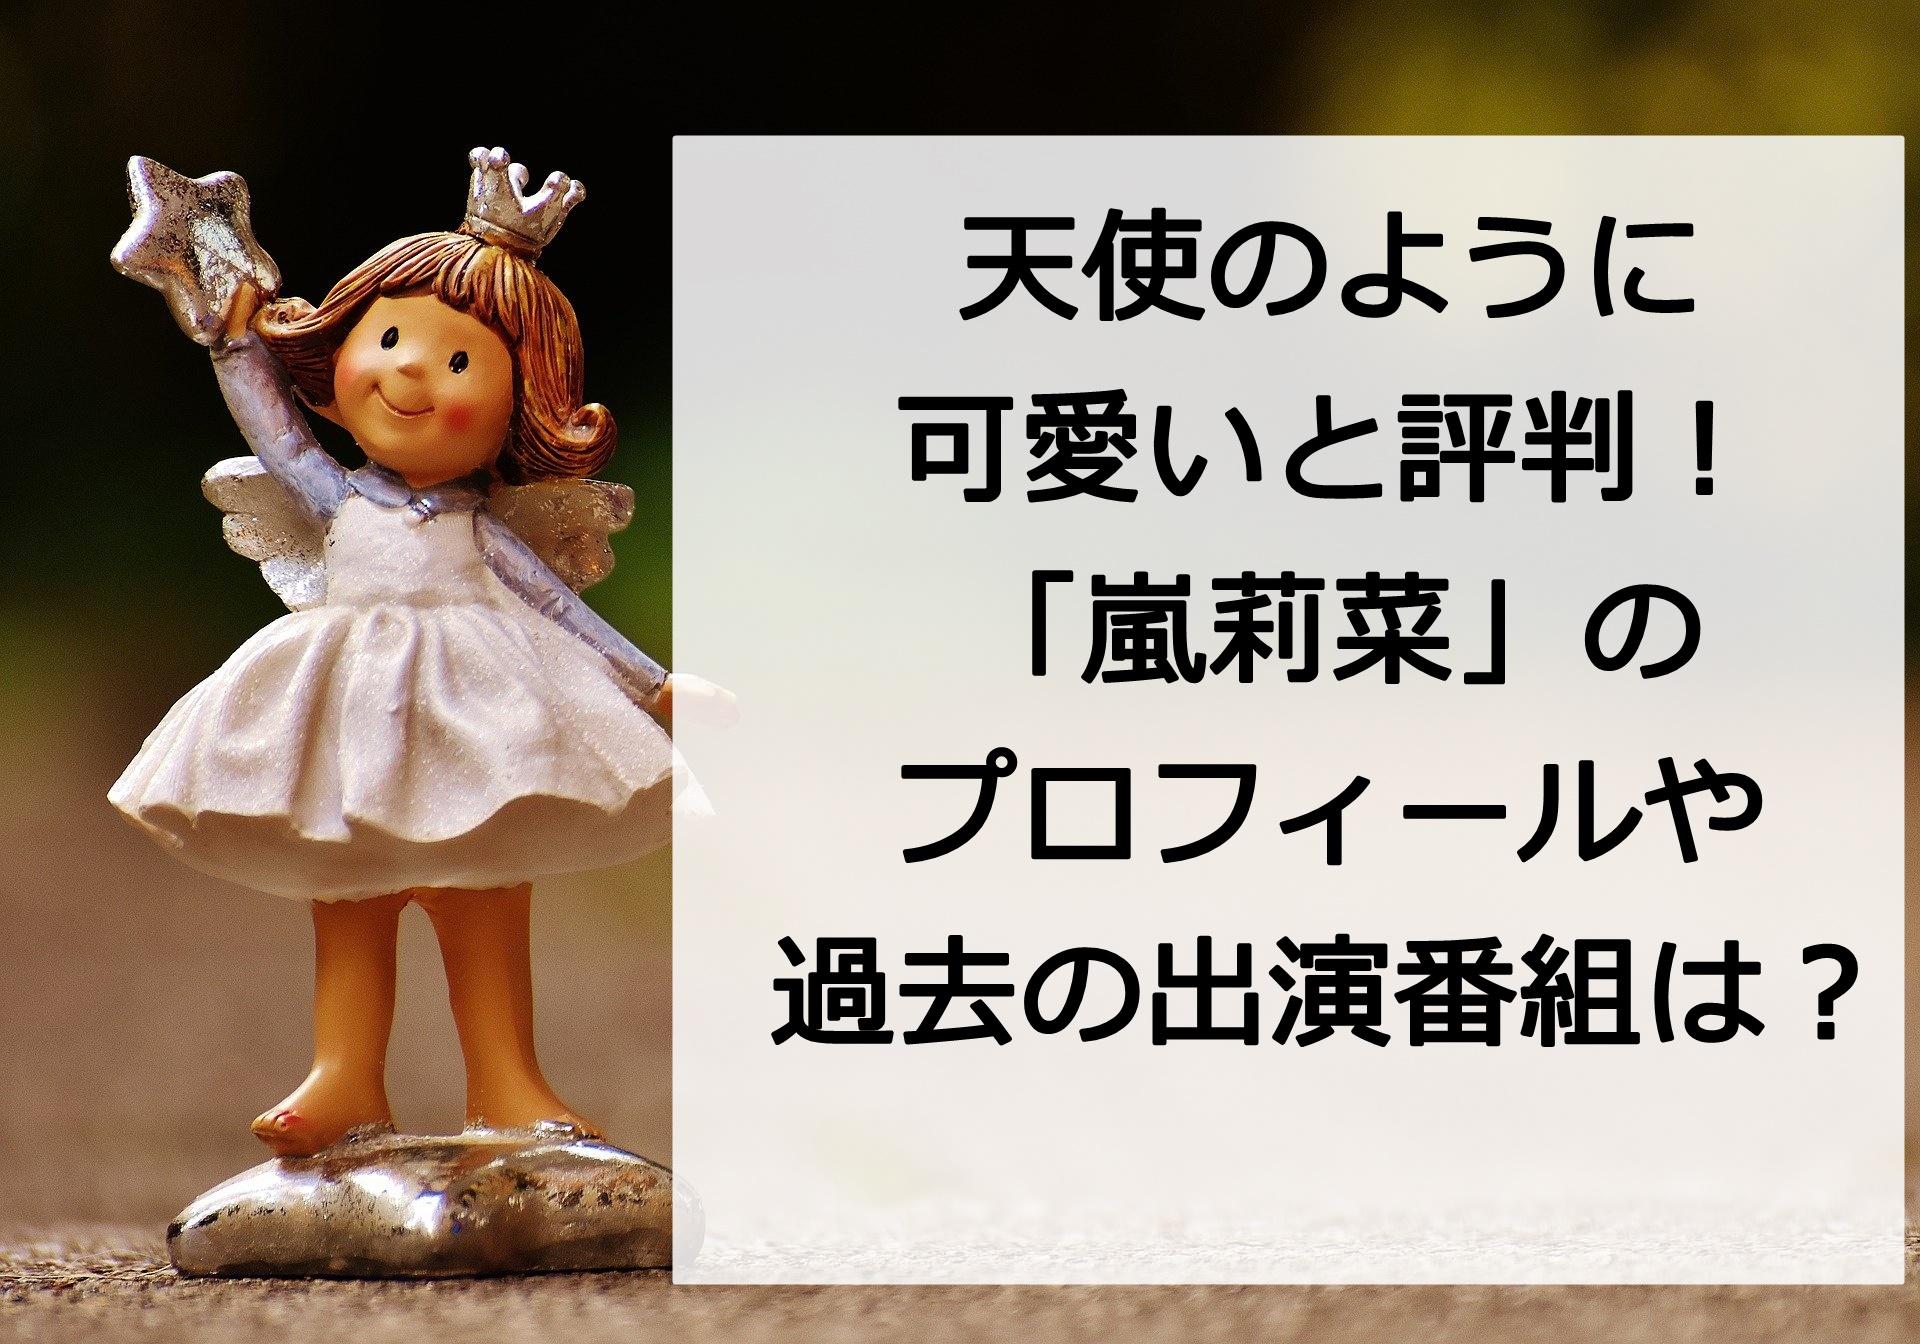 天使のような可愛らしさ【嵐莉菜】の年齢や身長は?過去のテレビ出演番組も紹介!